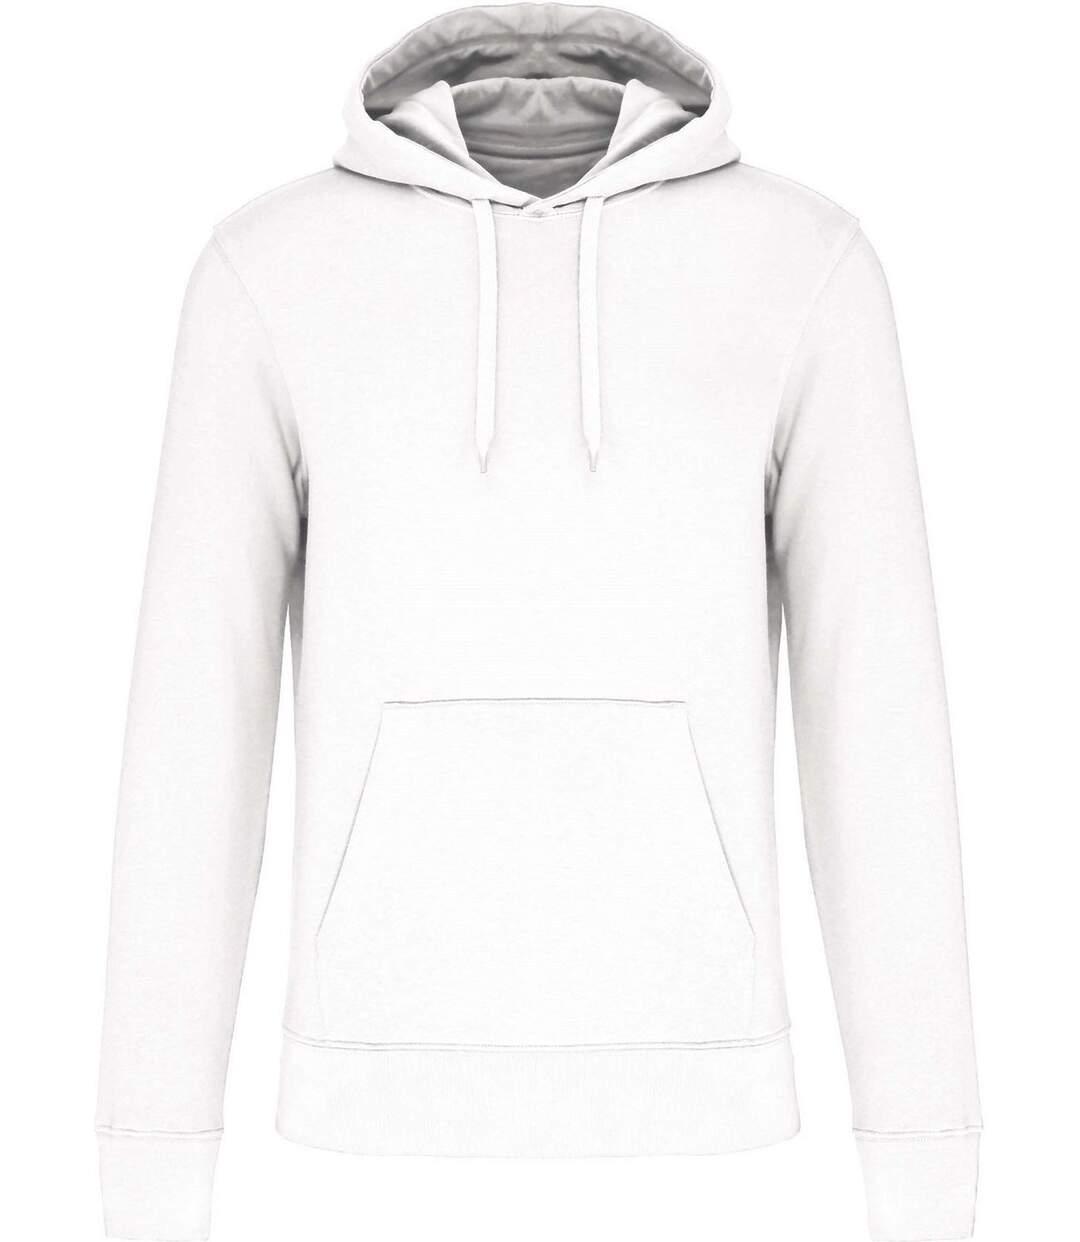 Sweat à capuche écoresponsable - Homme - K4027 - blanc